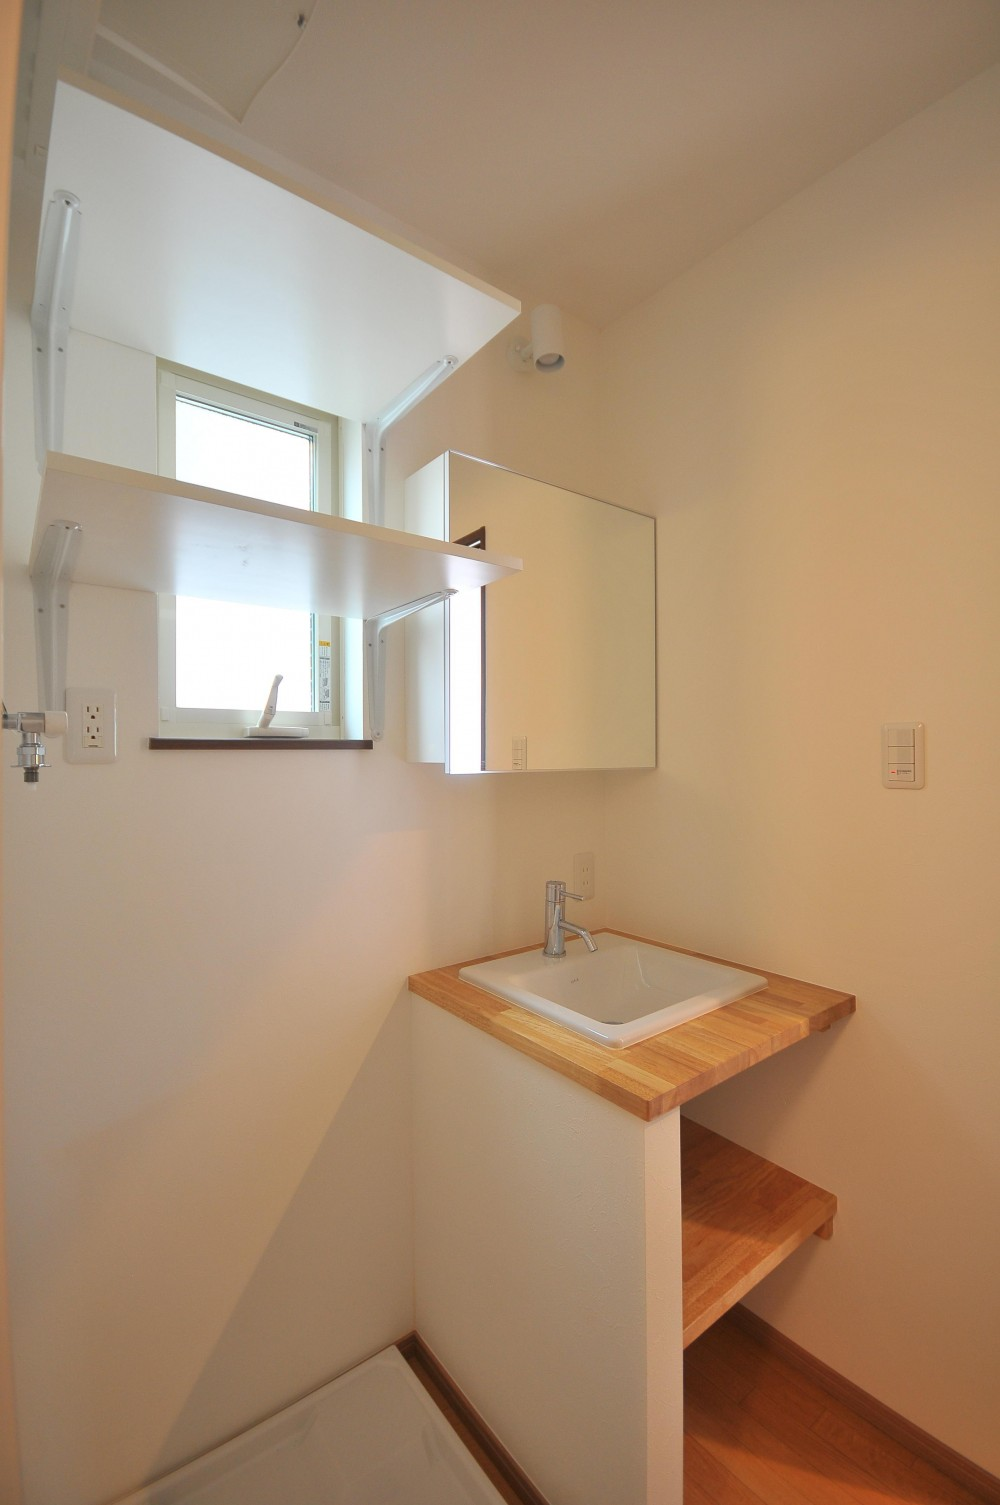 海沿いに合う白い外壁の家 (造作洗面化粧台)